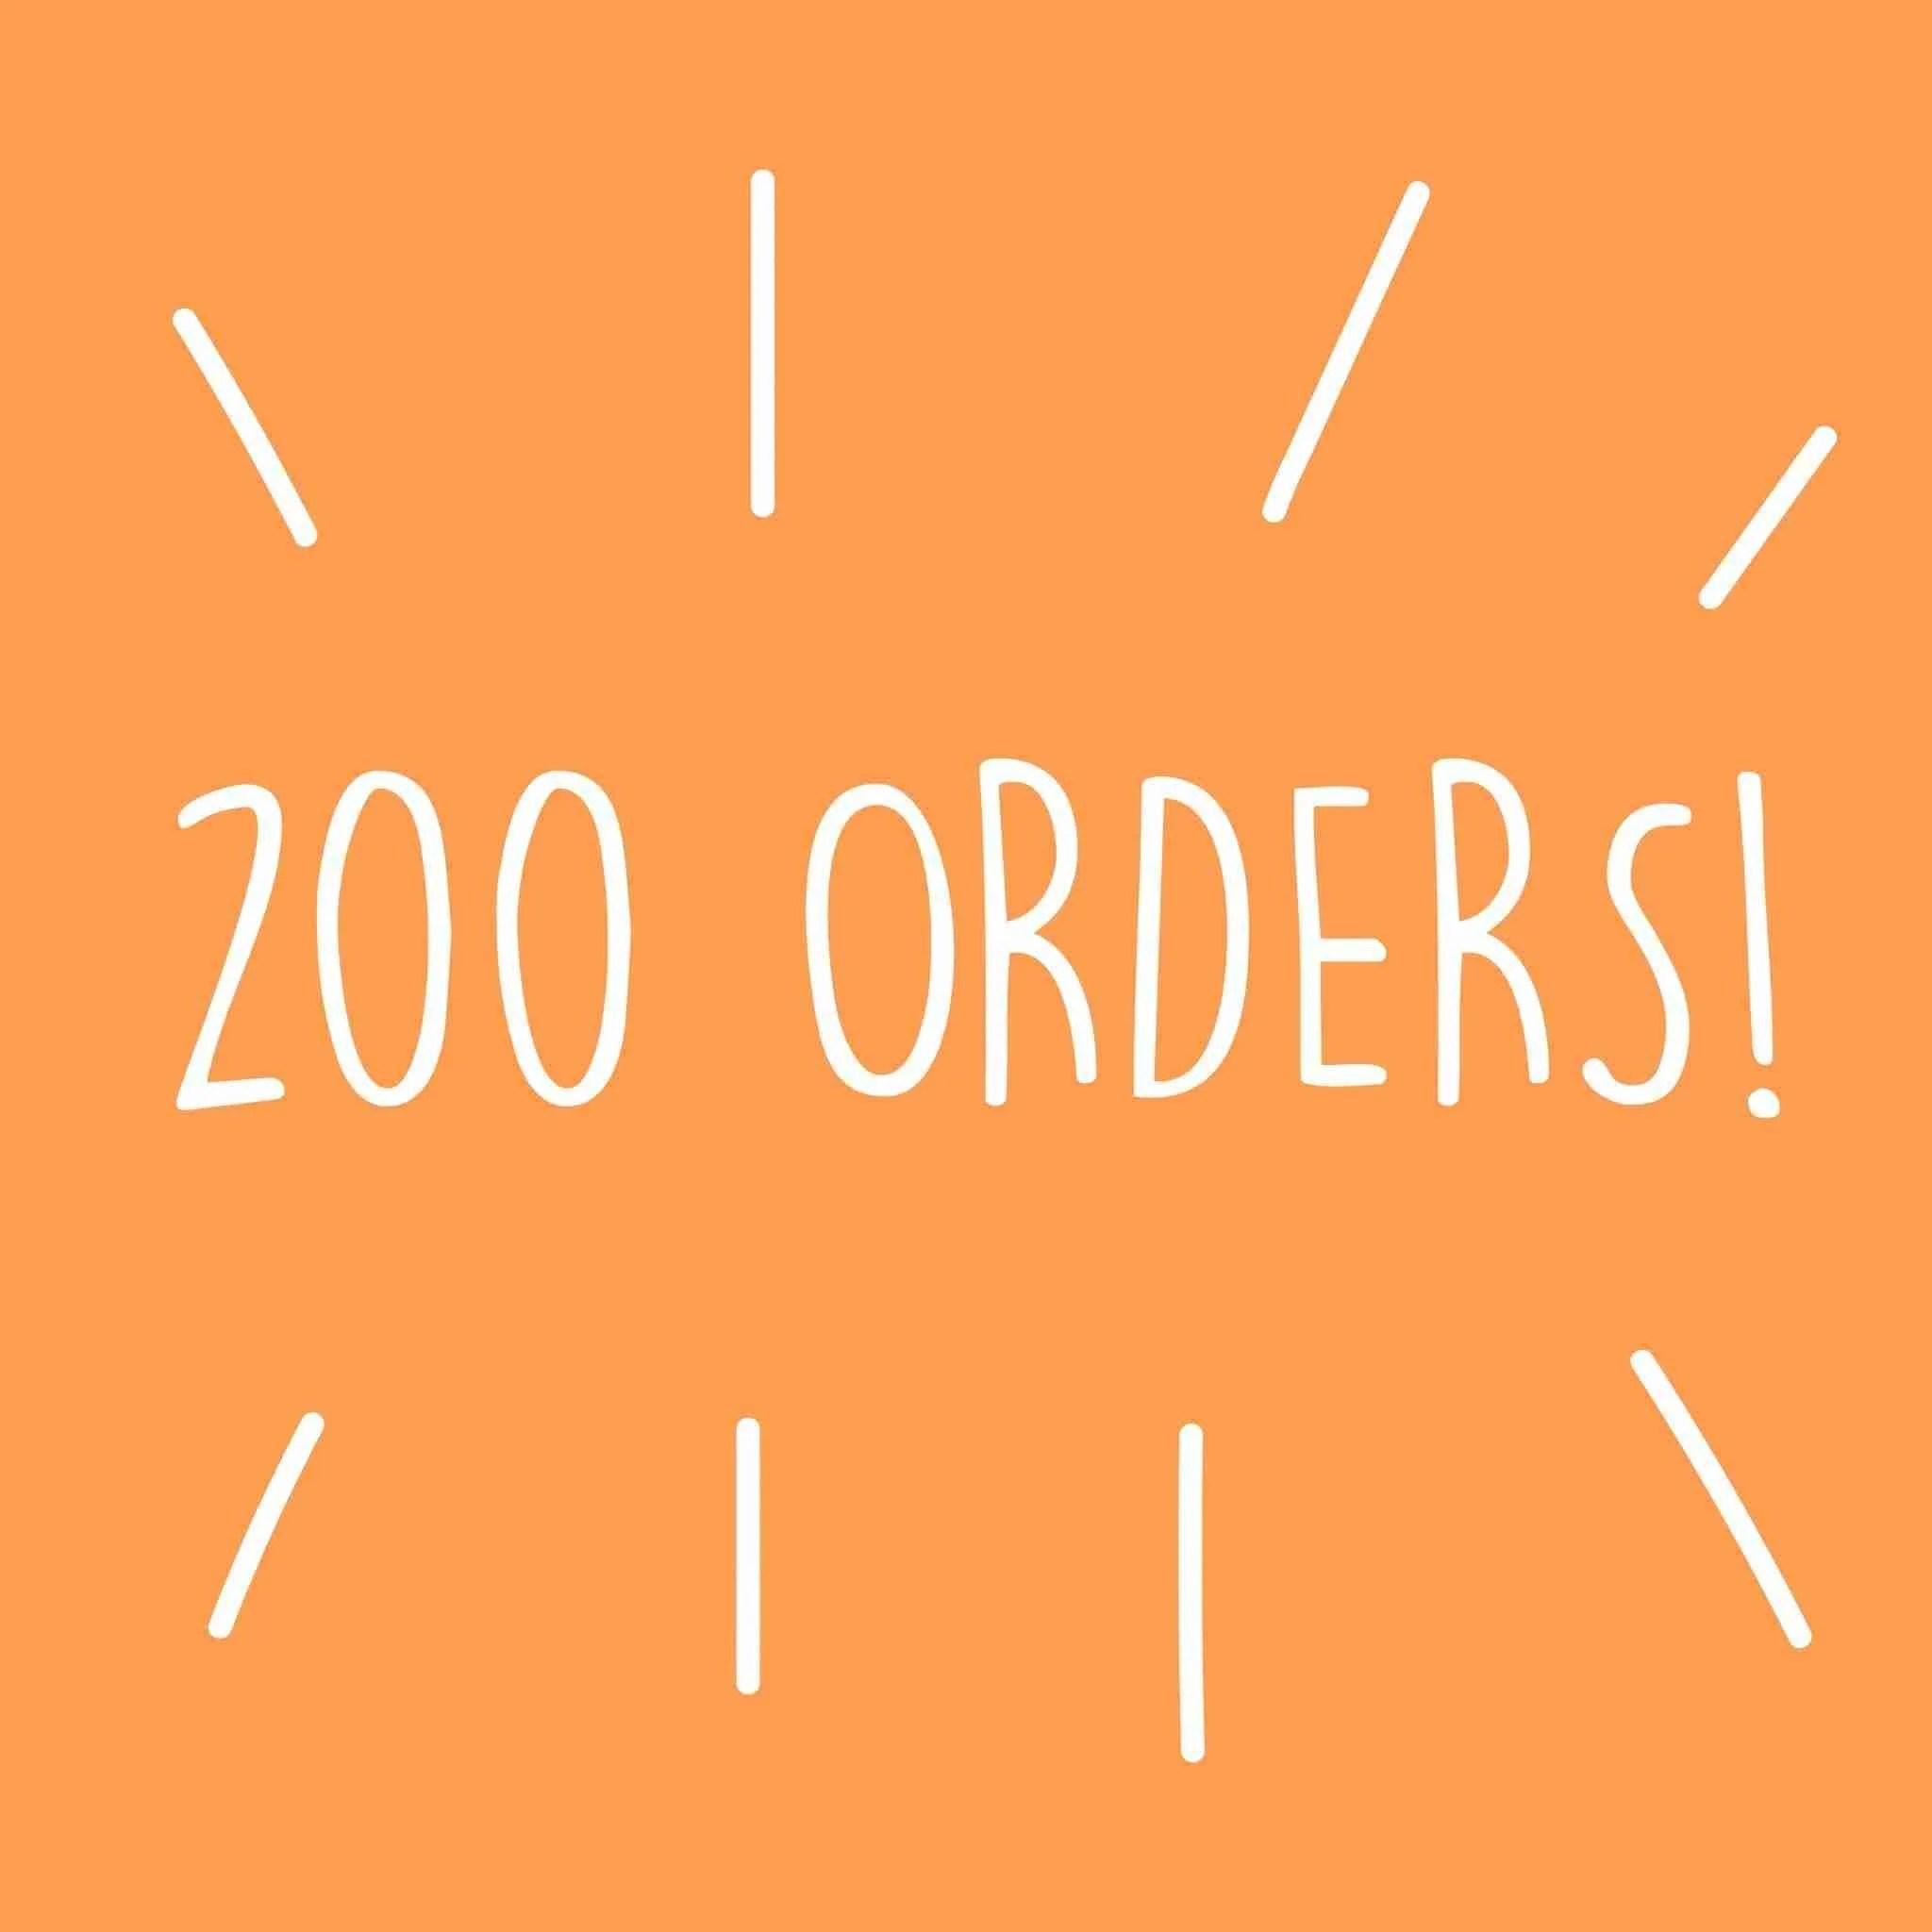 200 Orders!